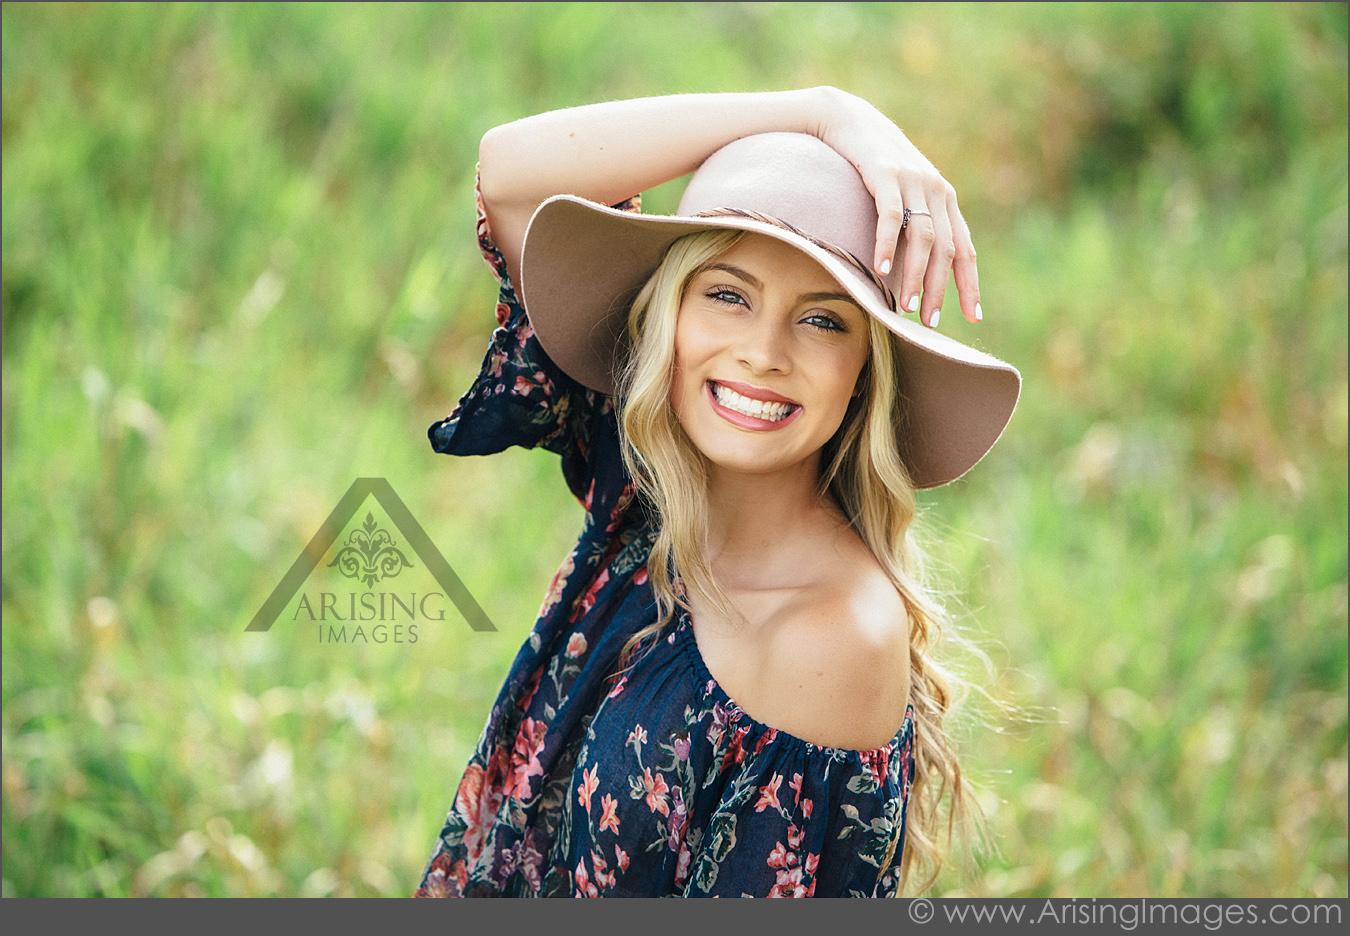 When should I book senior photos?